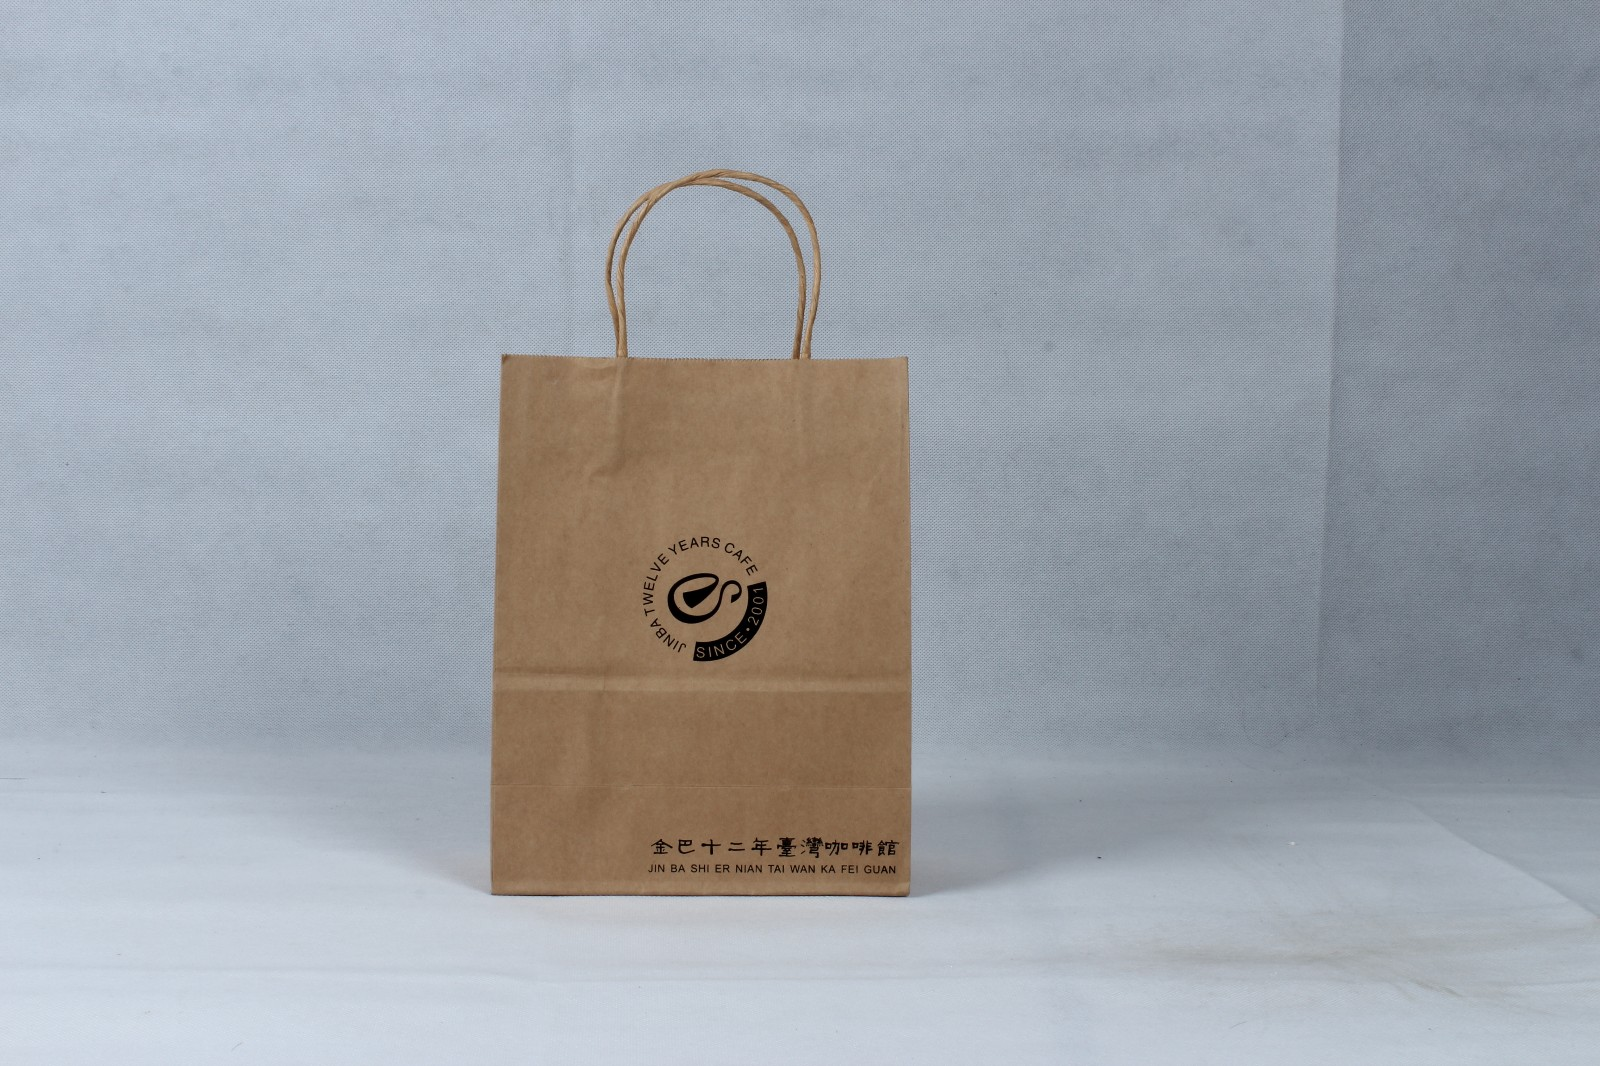 外卖打包纸袋只谈创意够吗?